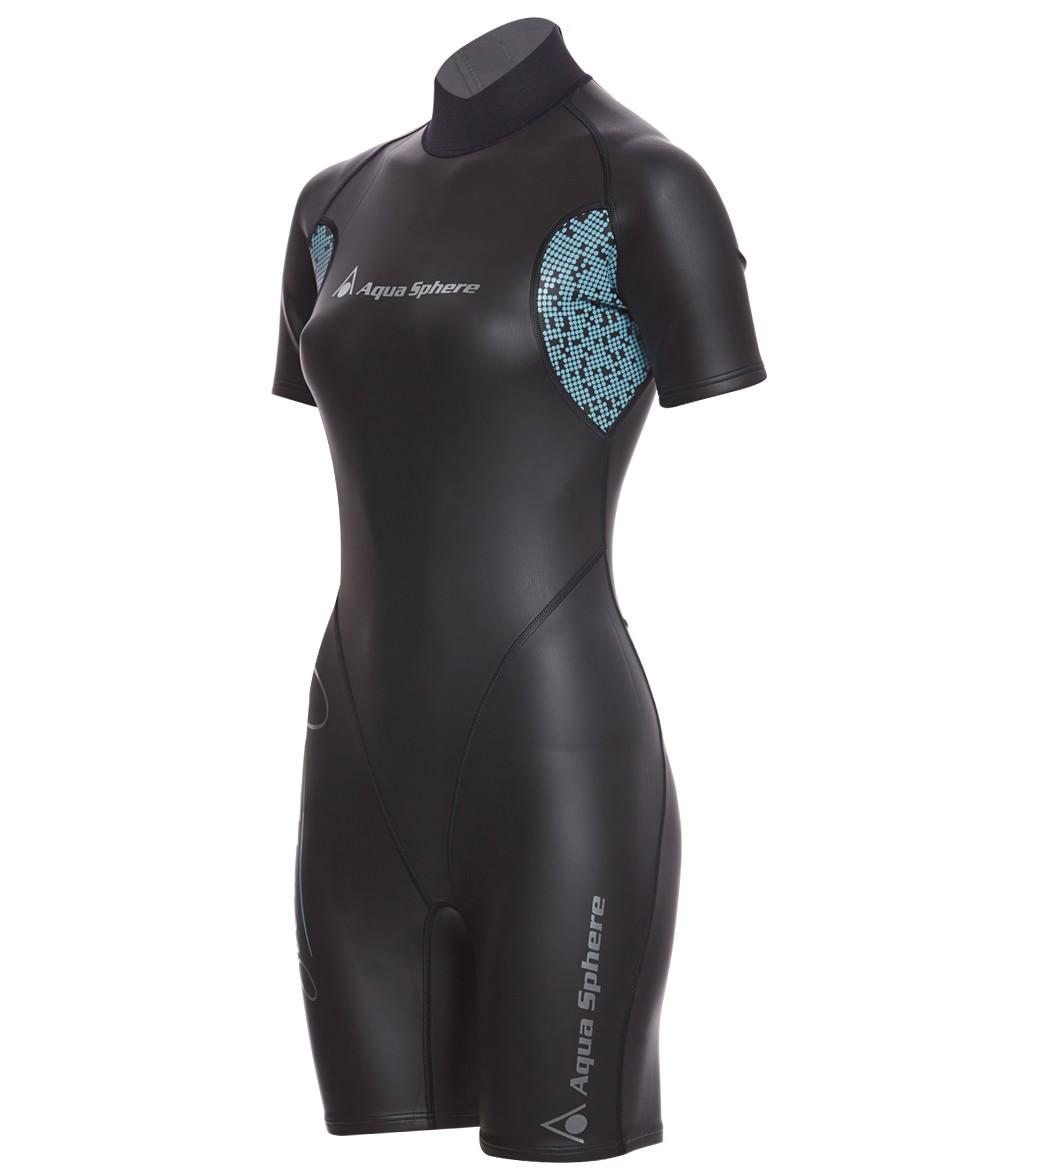 85b0d025d68 Aqua Sphere Women s WT80 Shorty Wetsuit at SwimOutlet.com - Free ...